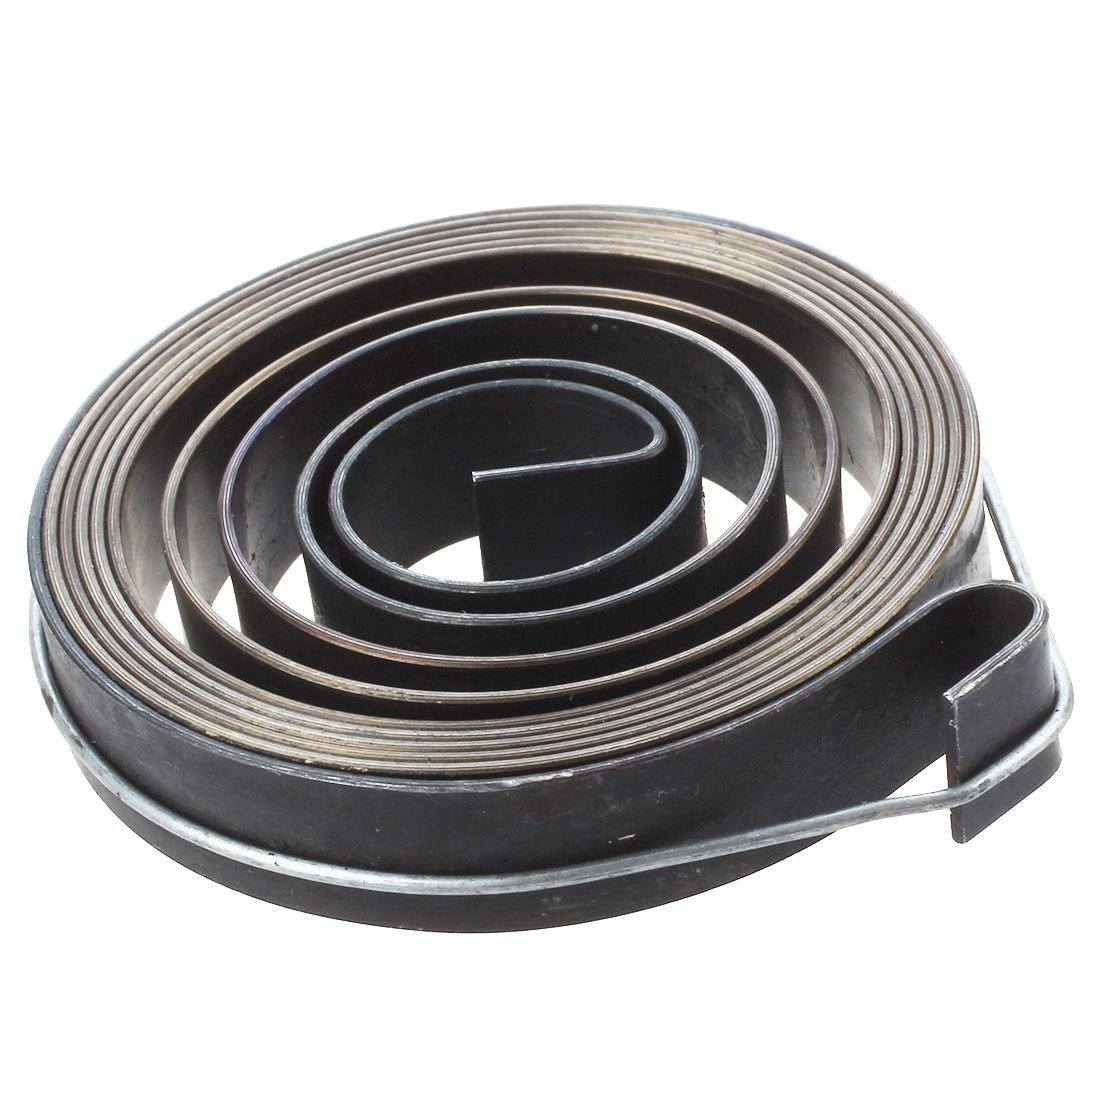 SODIAL 6 pouces de Ressort de forage metallique R